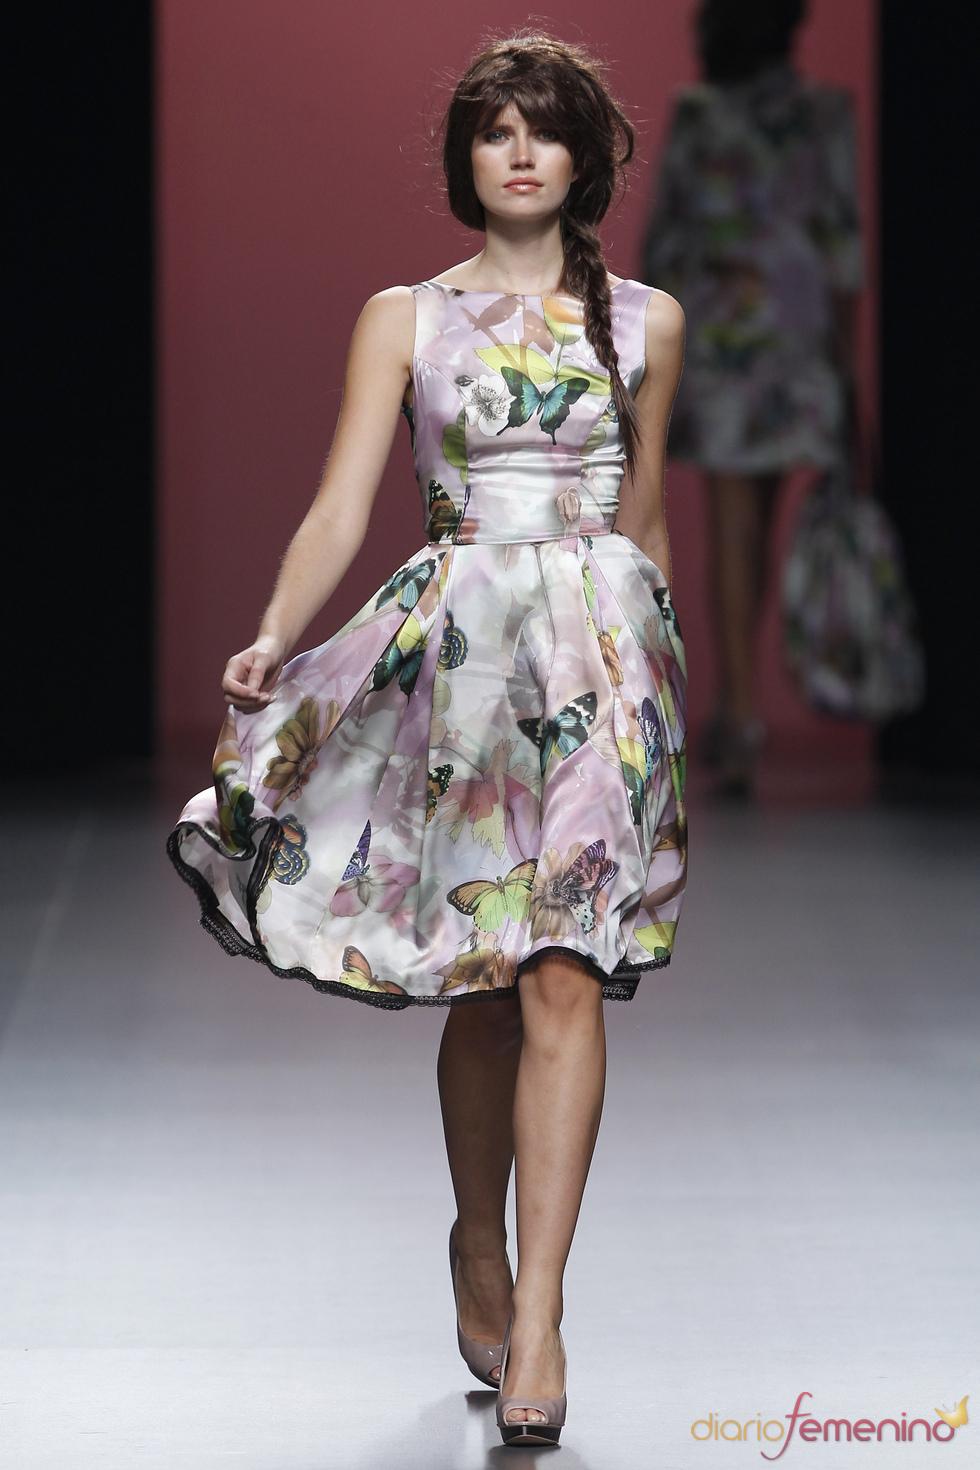 Mariposas decoran el corte lady de los vestidos de Juana Martín en la Madrid Fashion Week